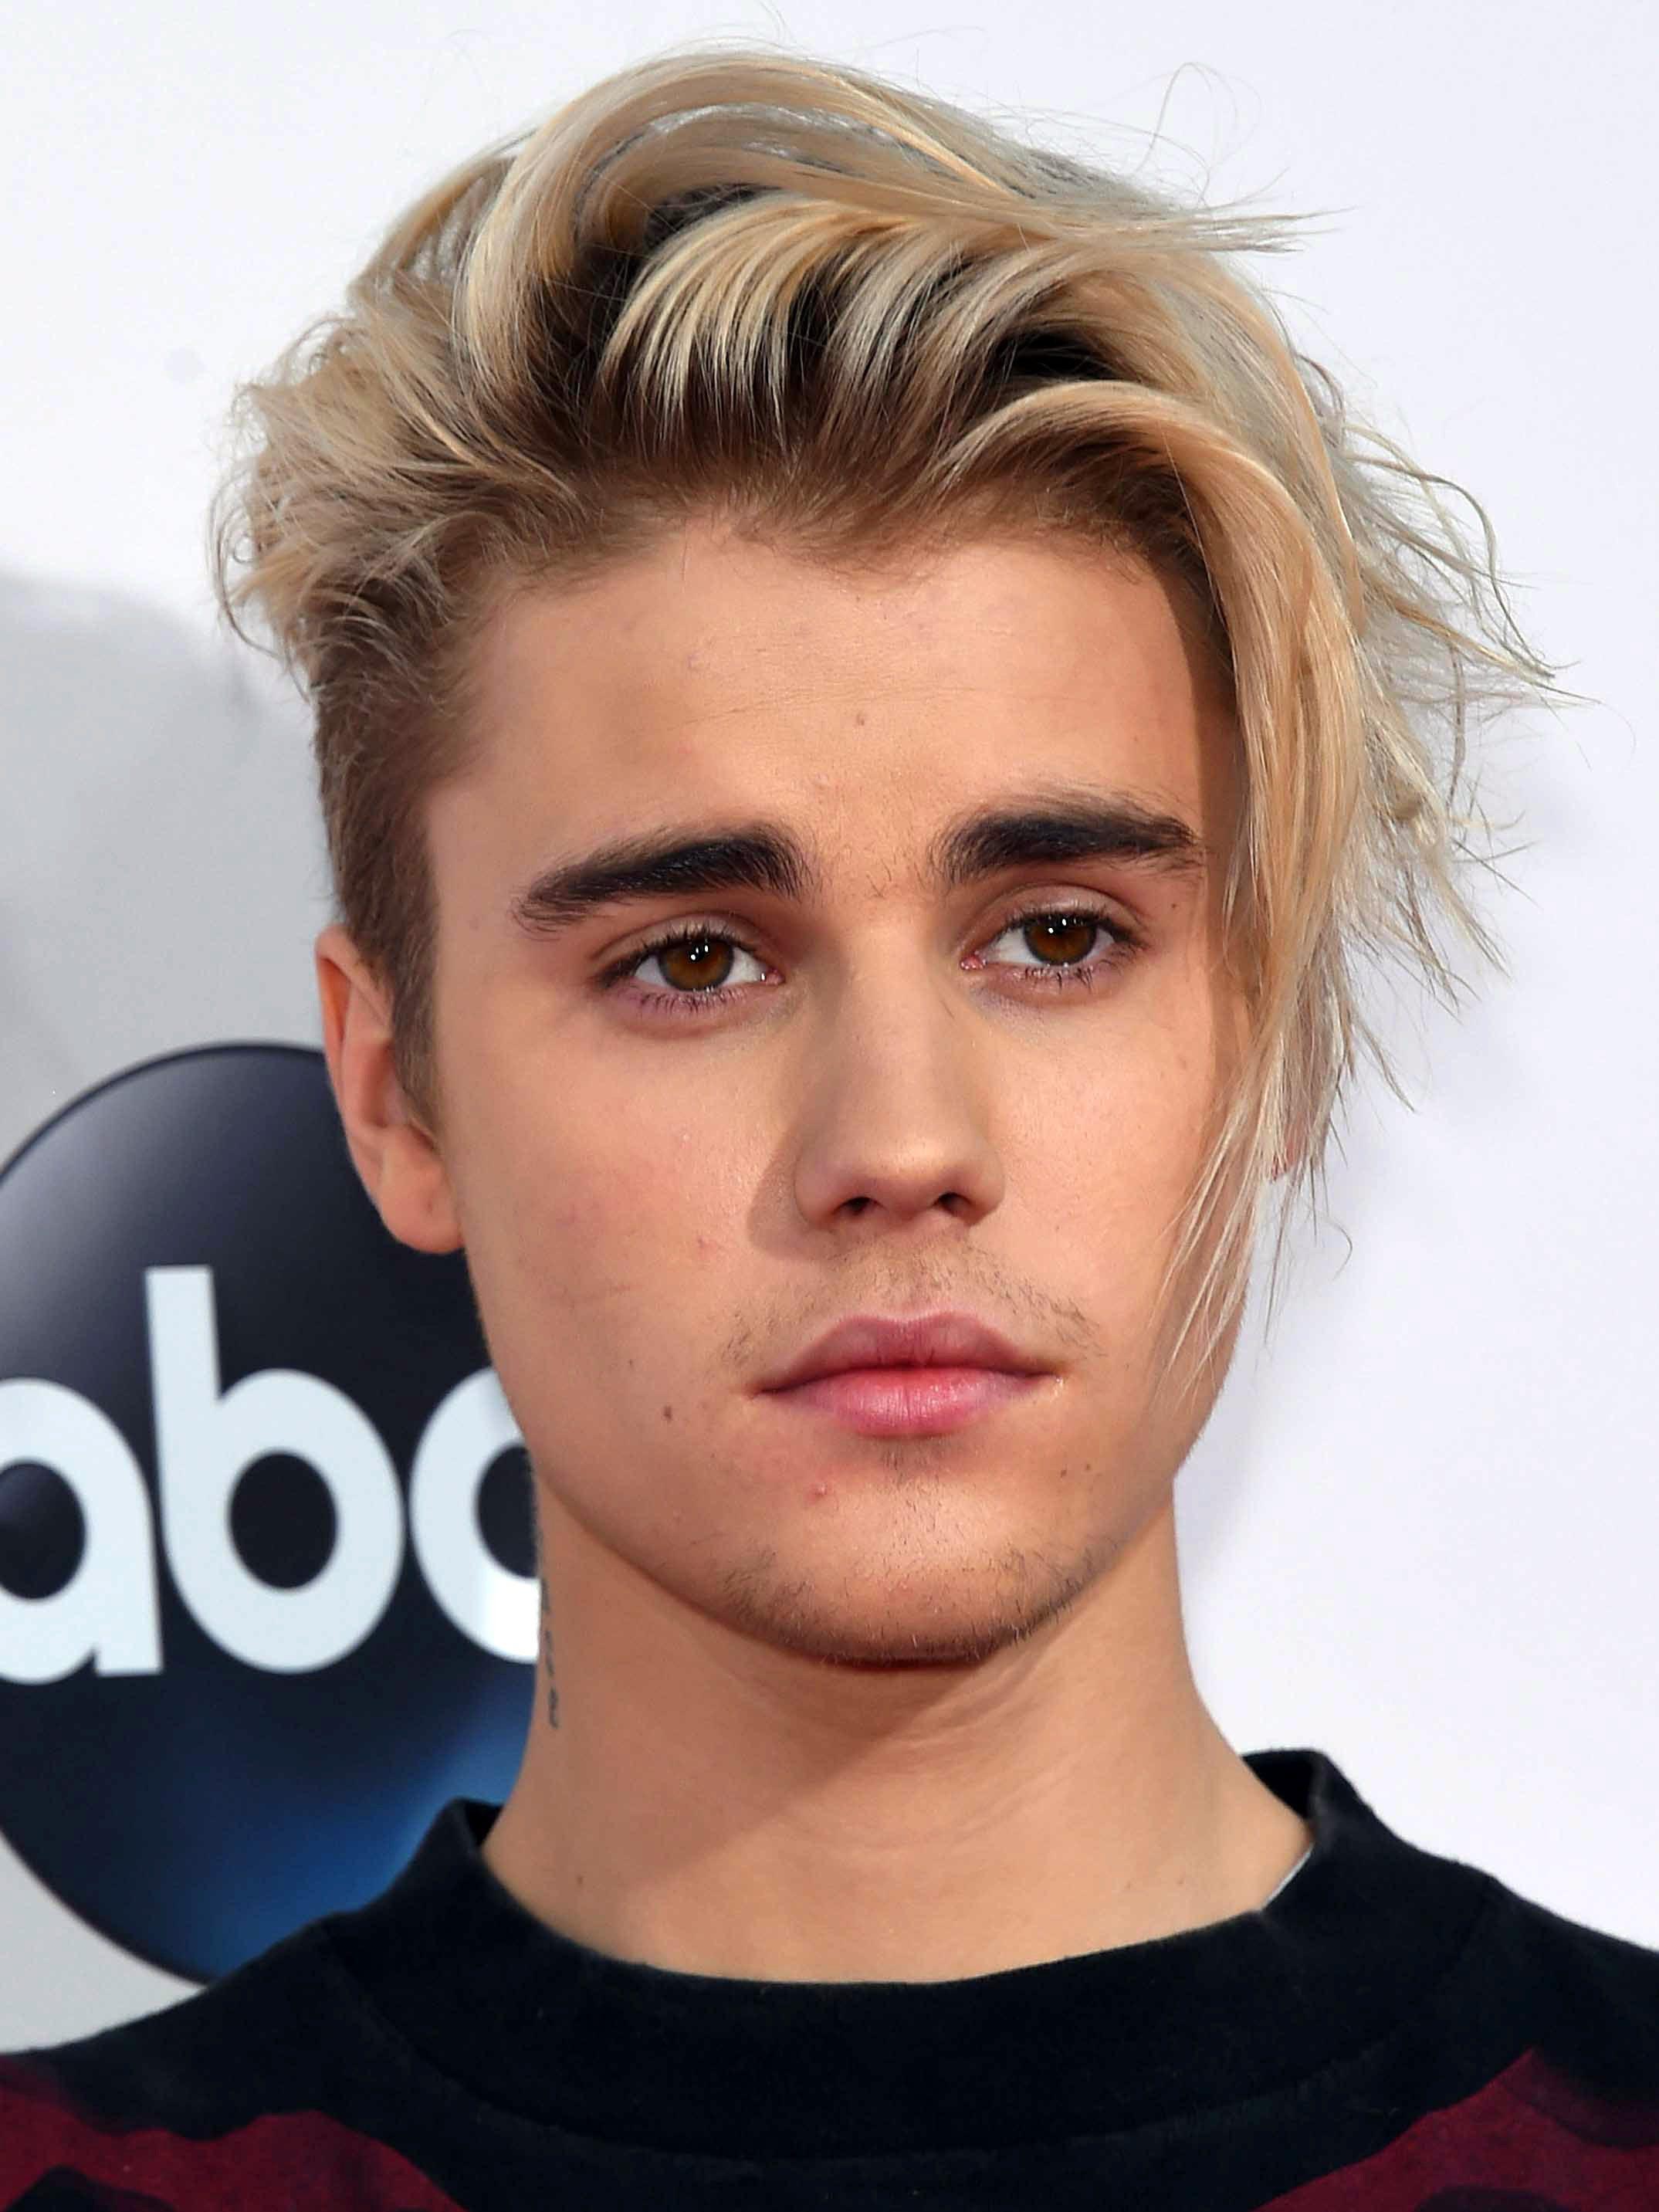 Justin Bieber's Side Swept Dyed Fringe